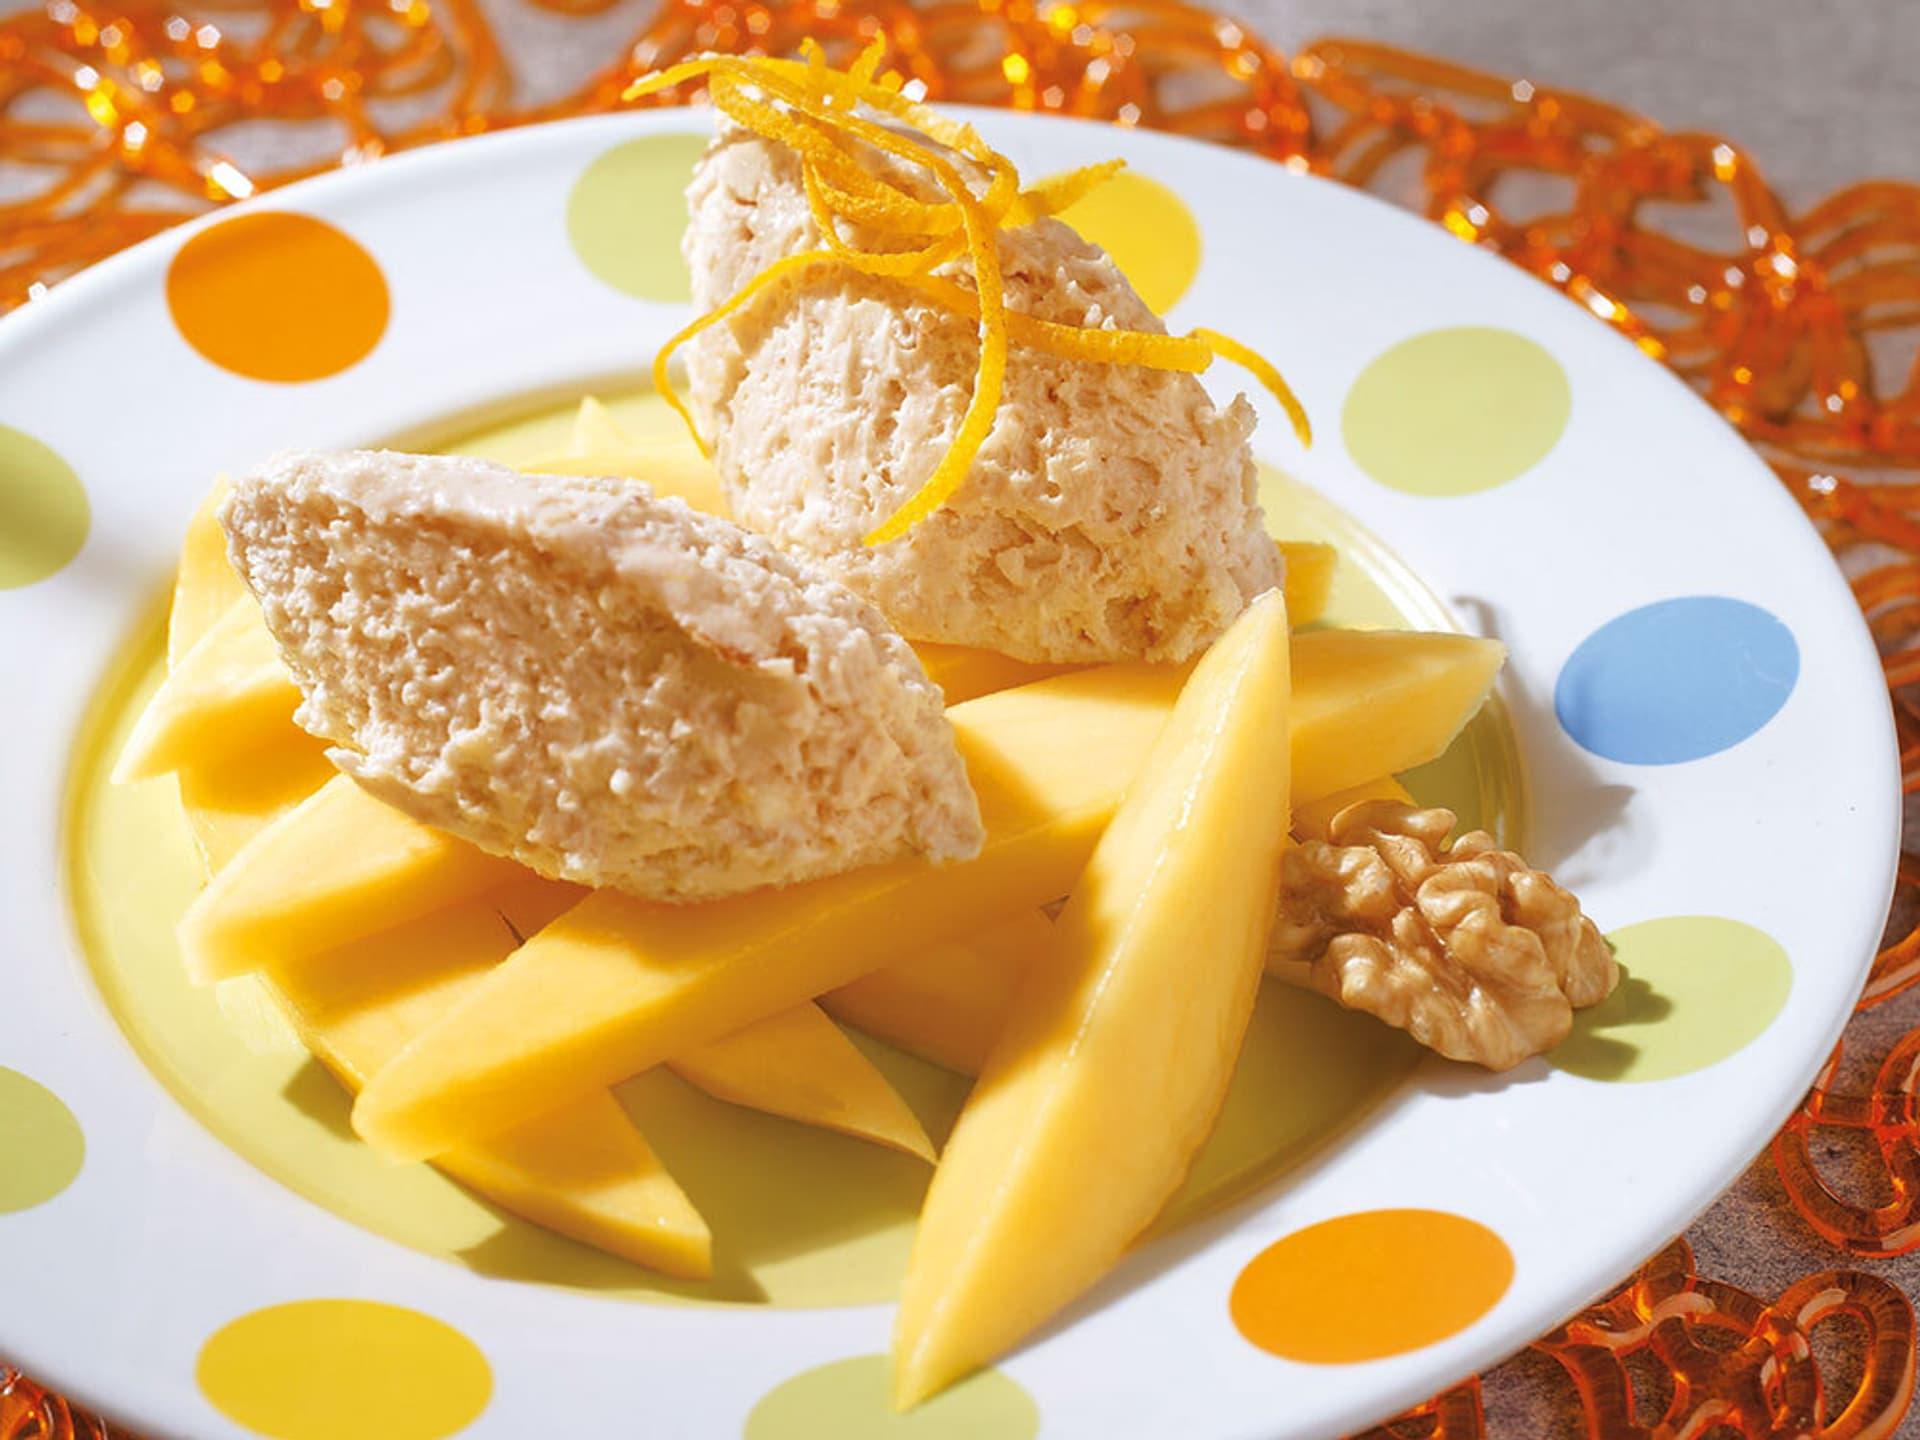 Walnuss-Mascarpone mit Mango